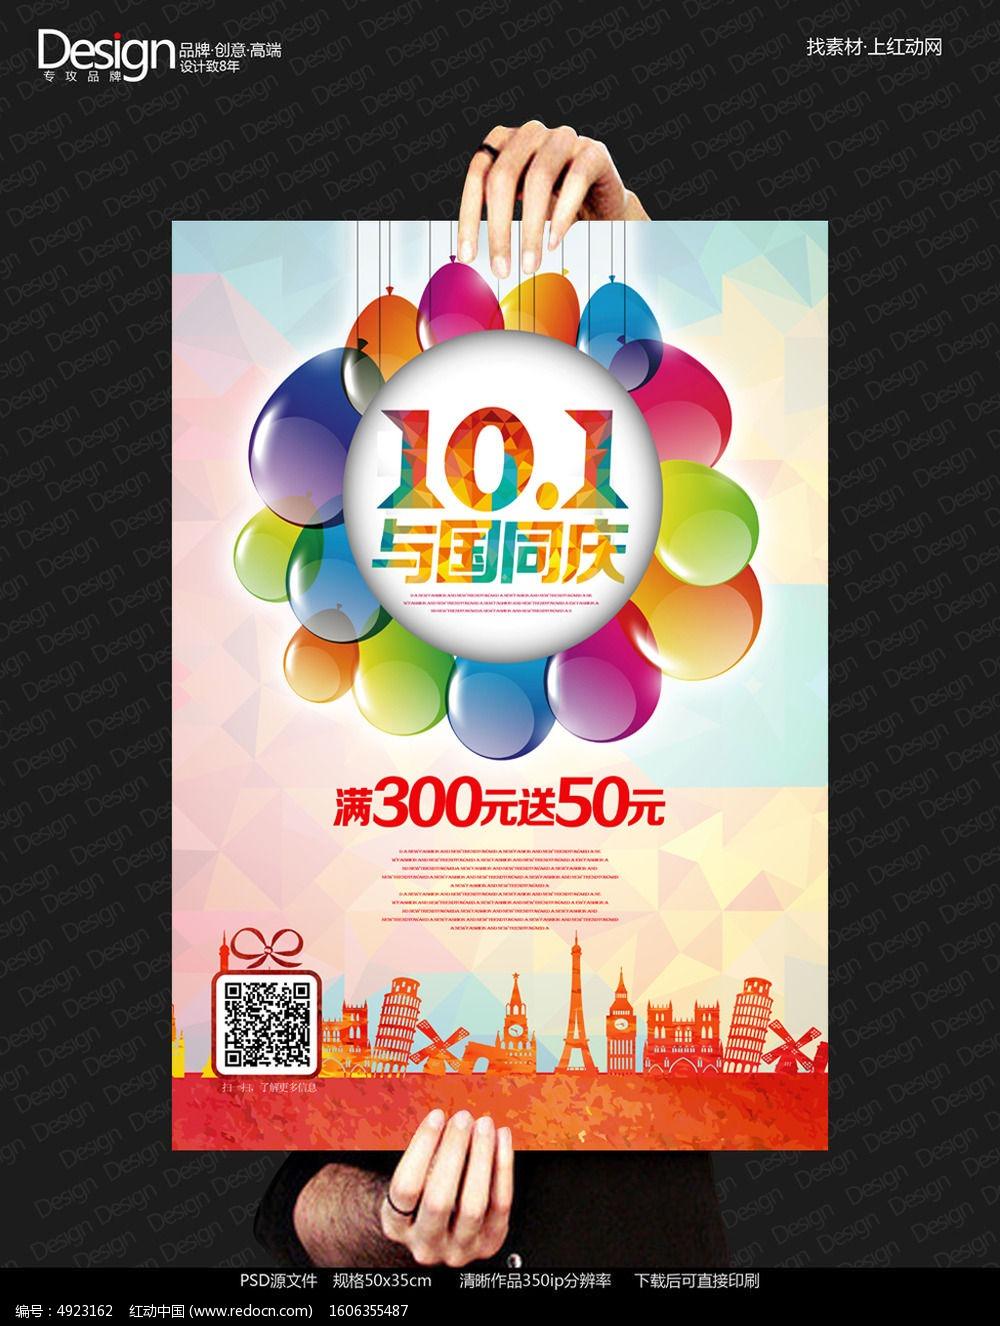 国庆节创意手工制作豆子画